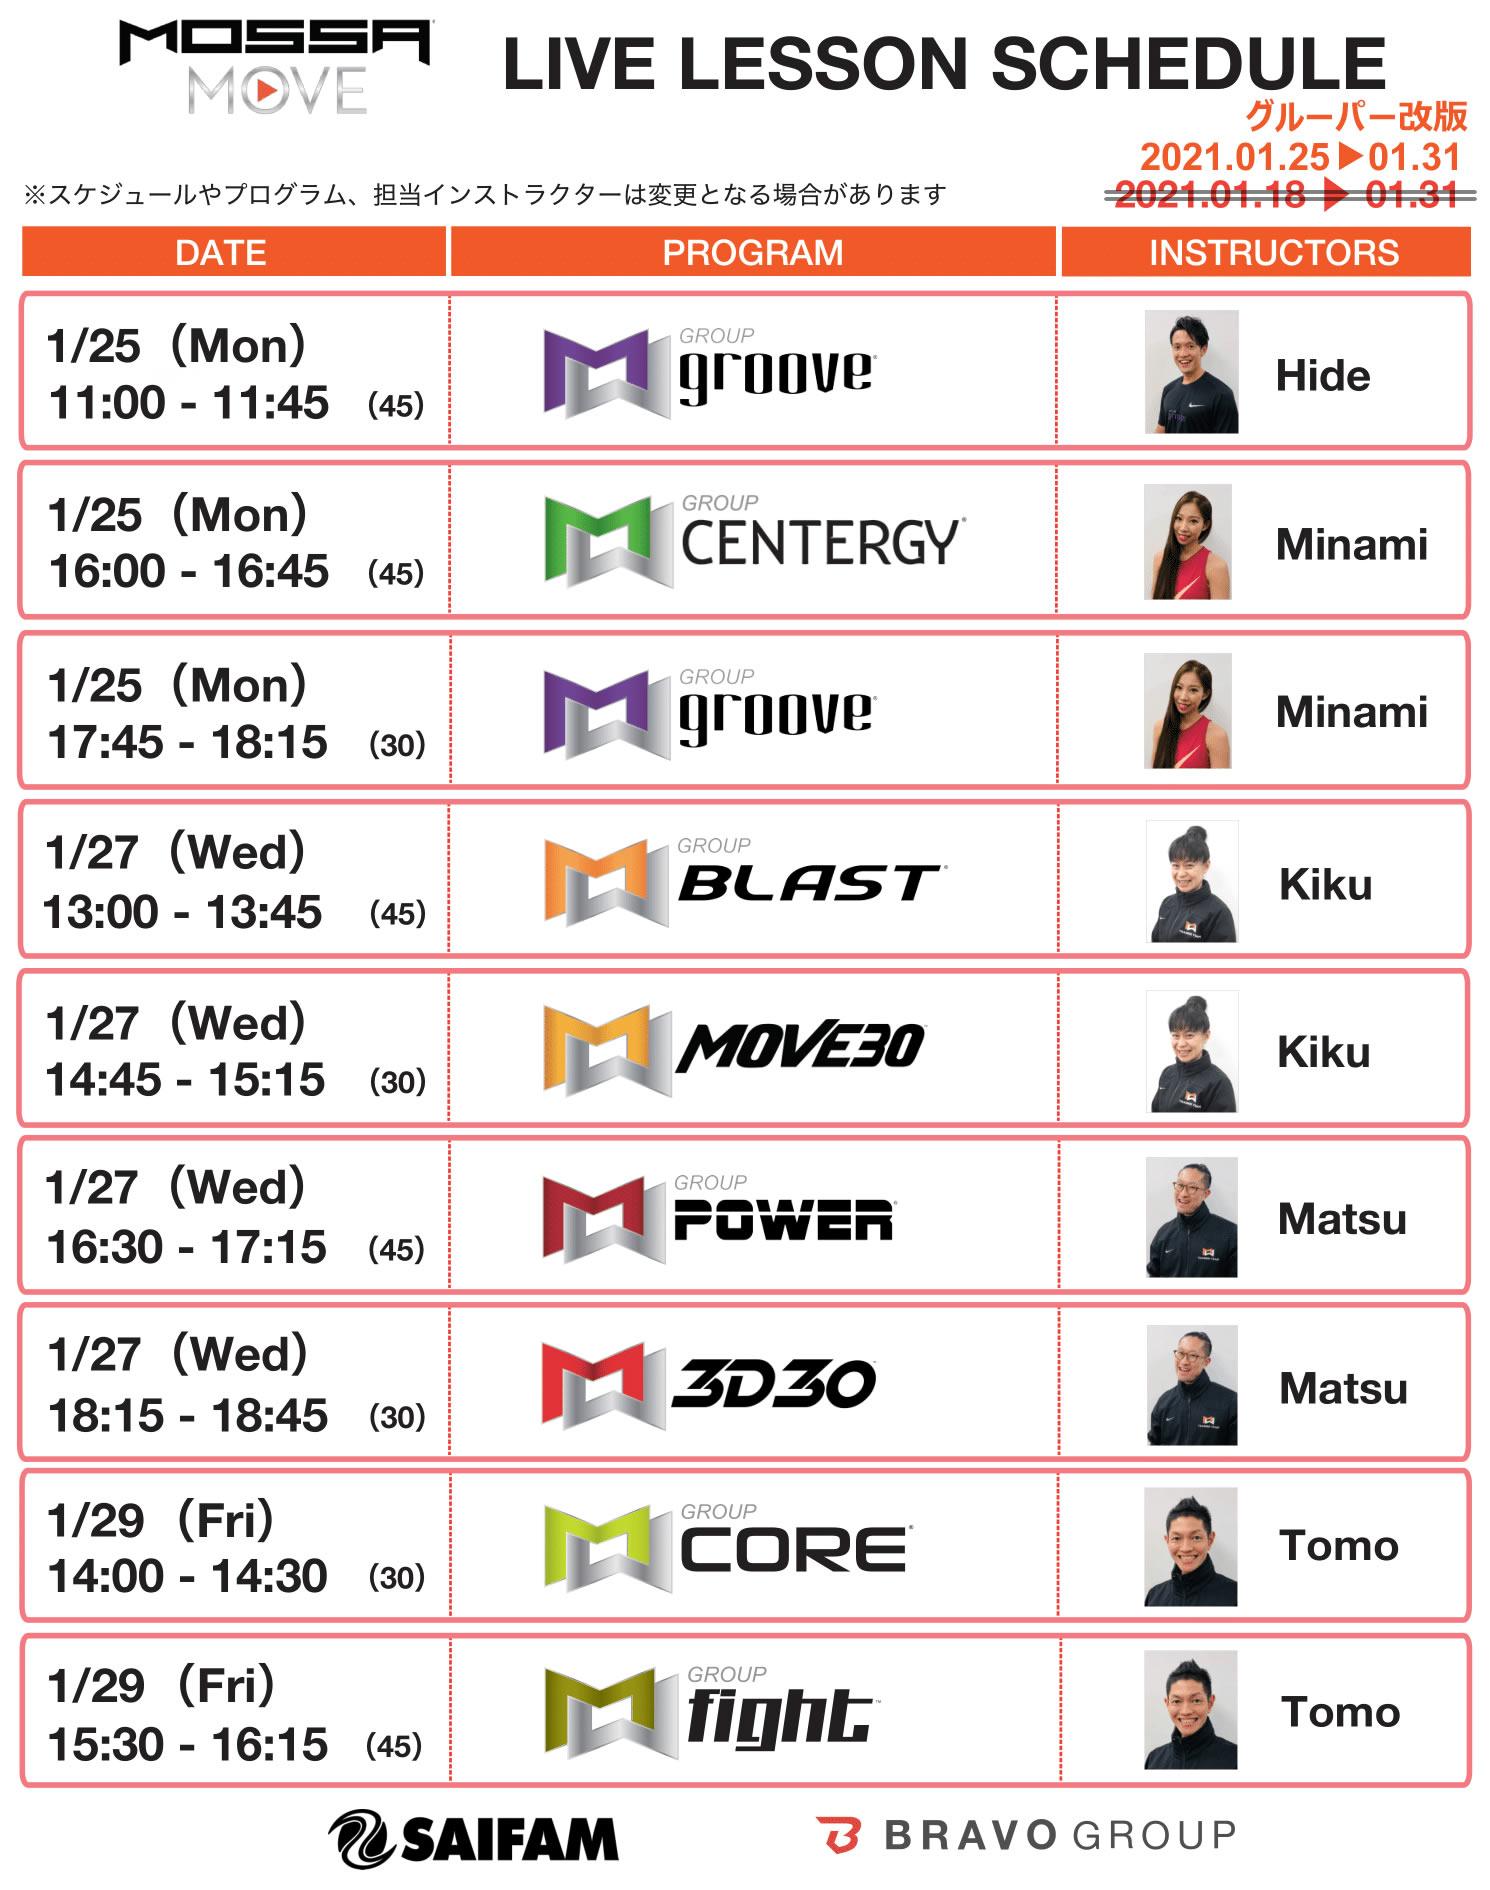 【更新版:MOSSA MOVE 1月25-31ライブ配信スケジュール】